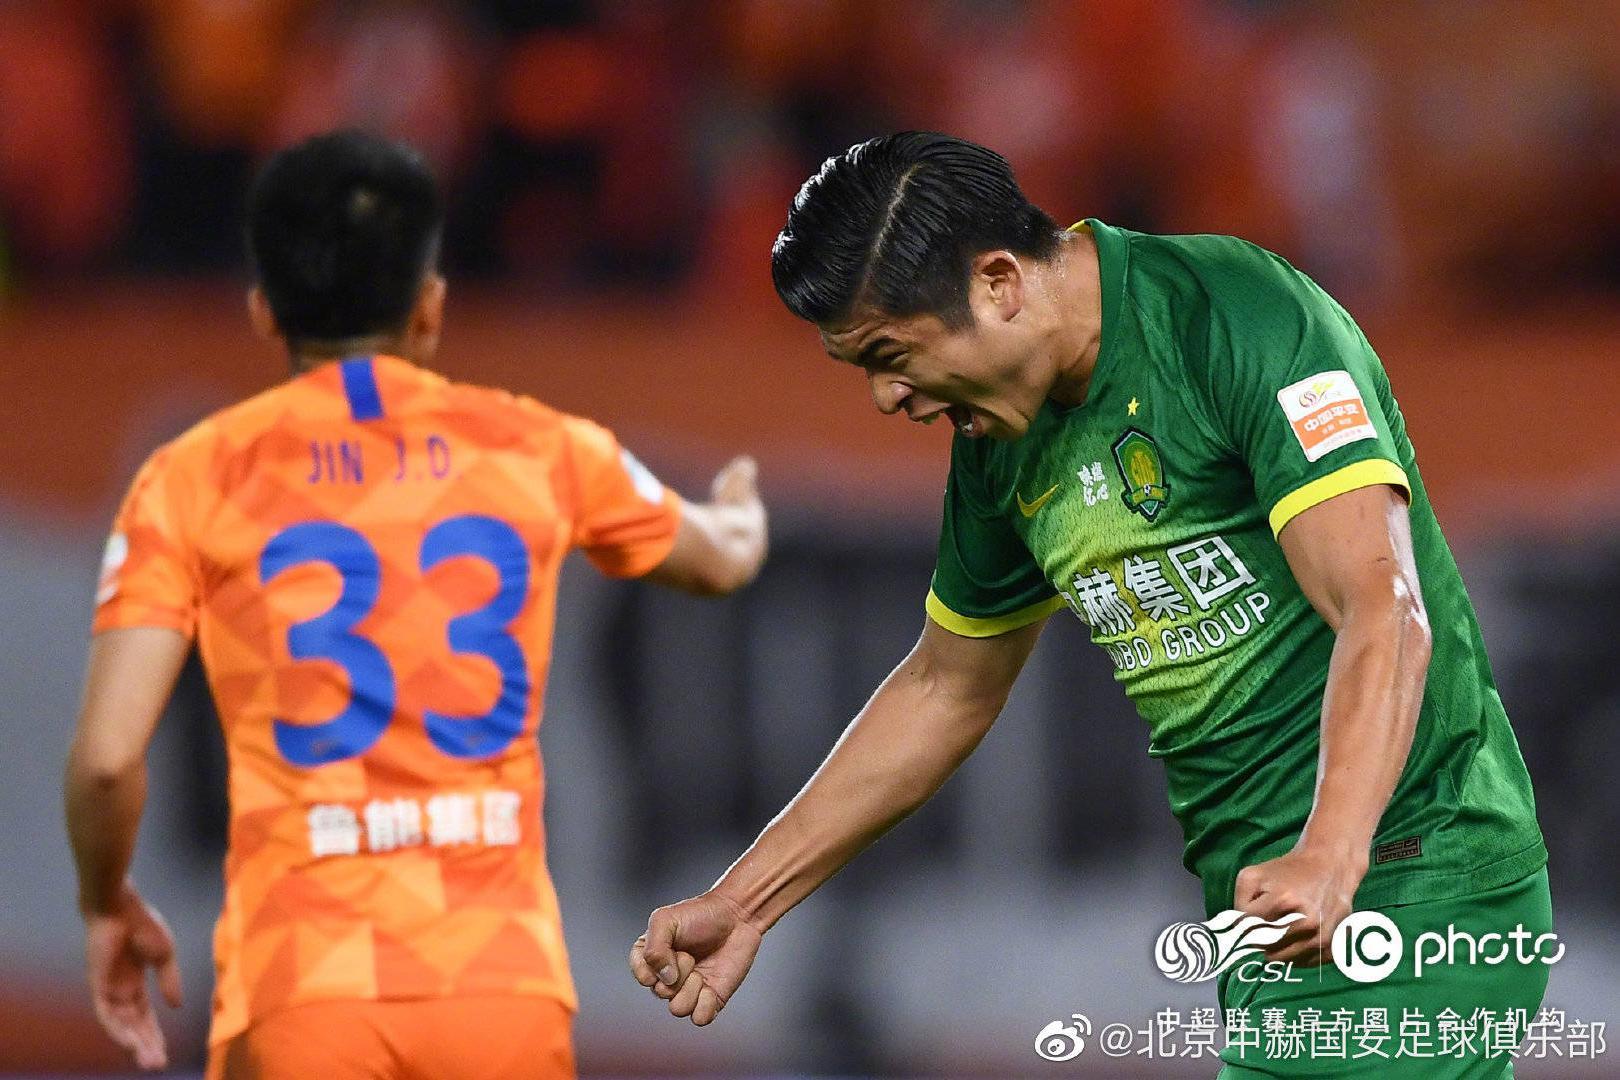 北京中赫国安俱乐部球员张玉宁当选为中超第16轮最佳球员